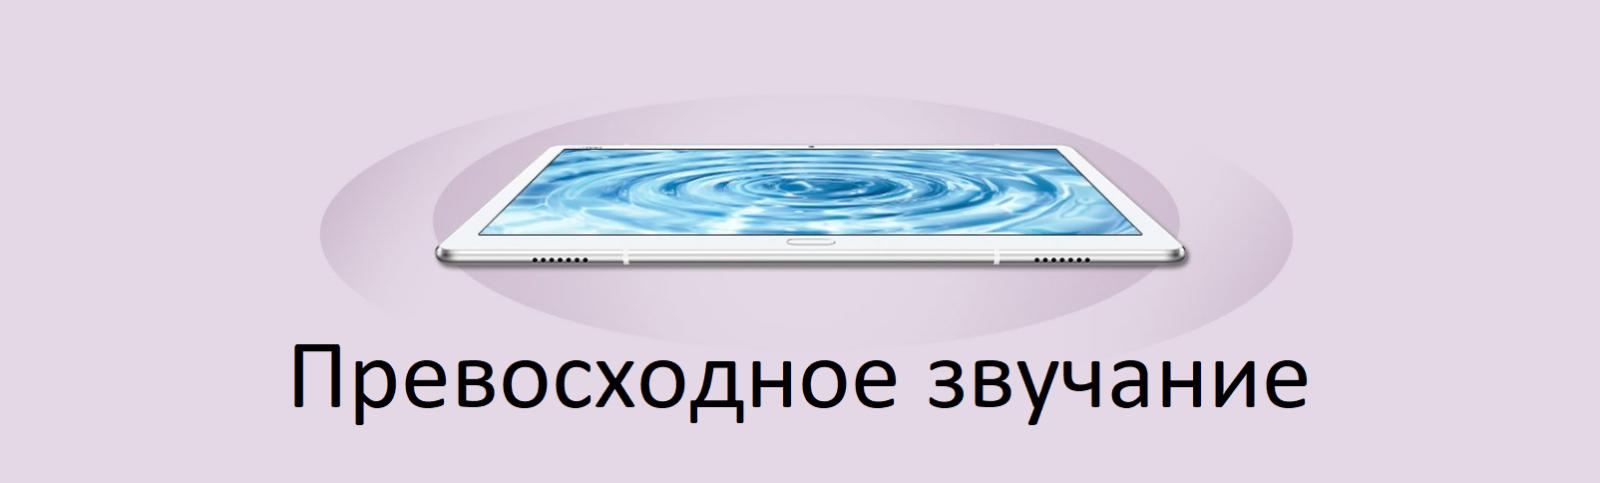 у Планшет Huawei MediaPad M3 lite 10 отличный звук из 4-х динамиков